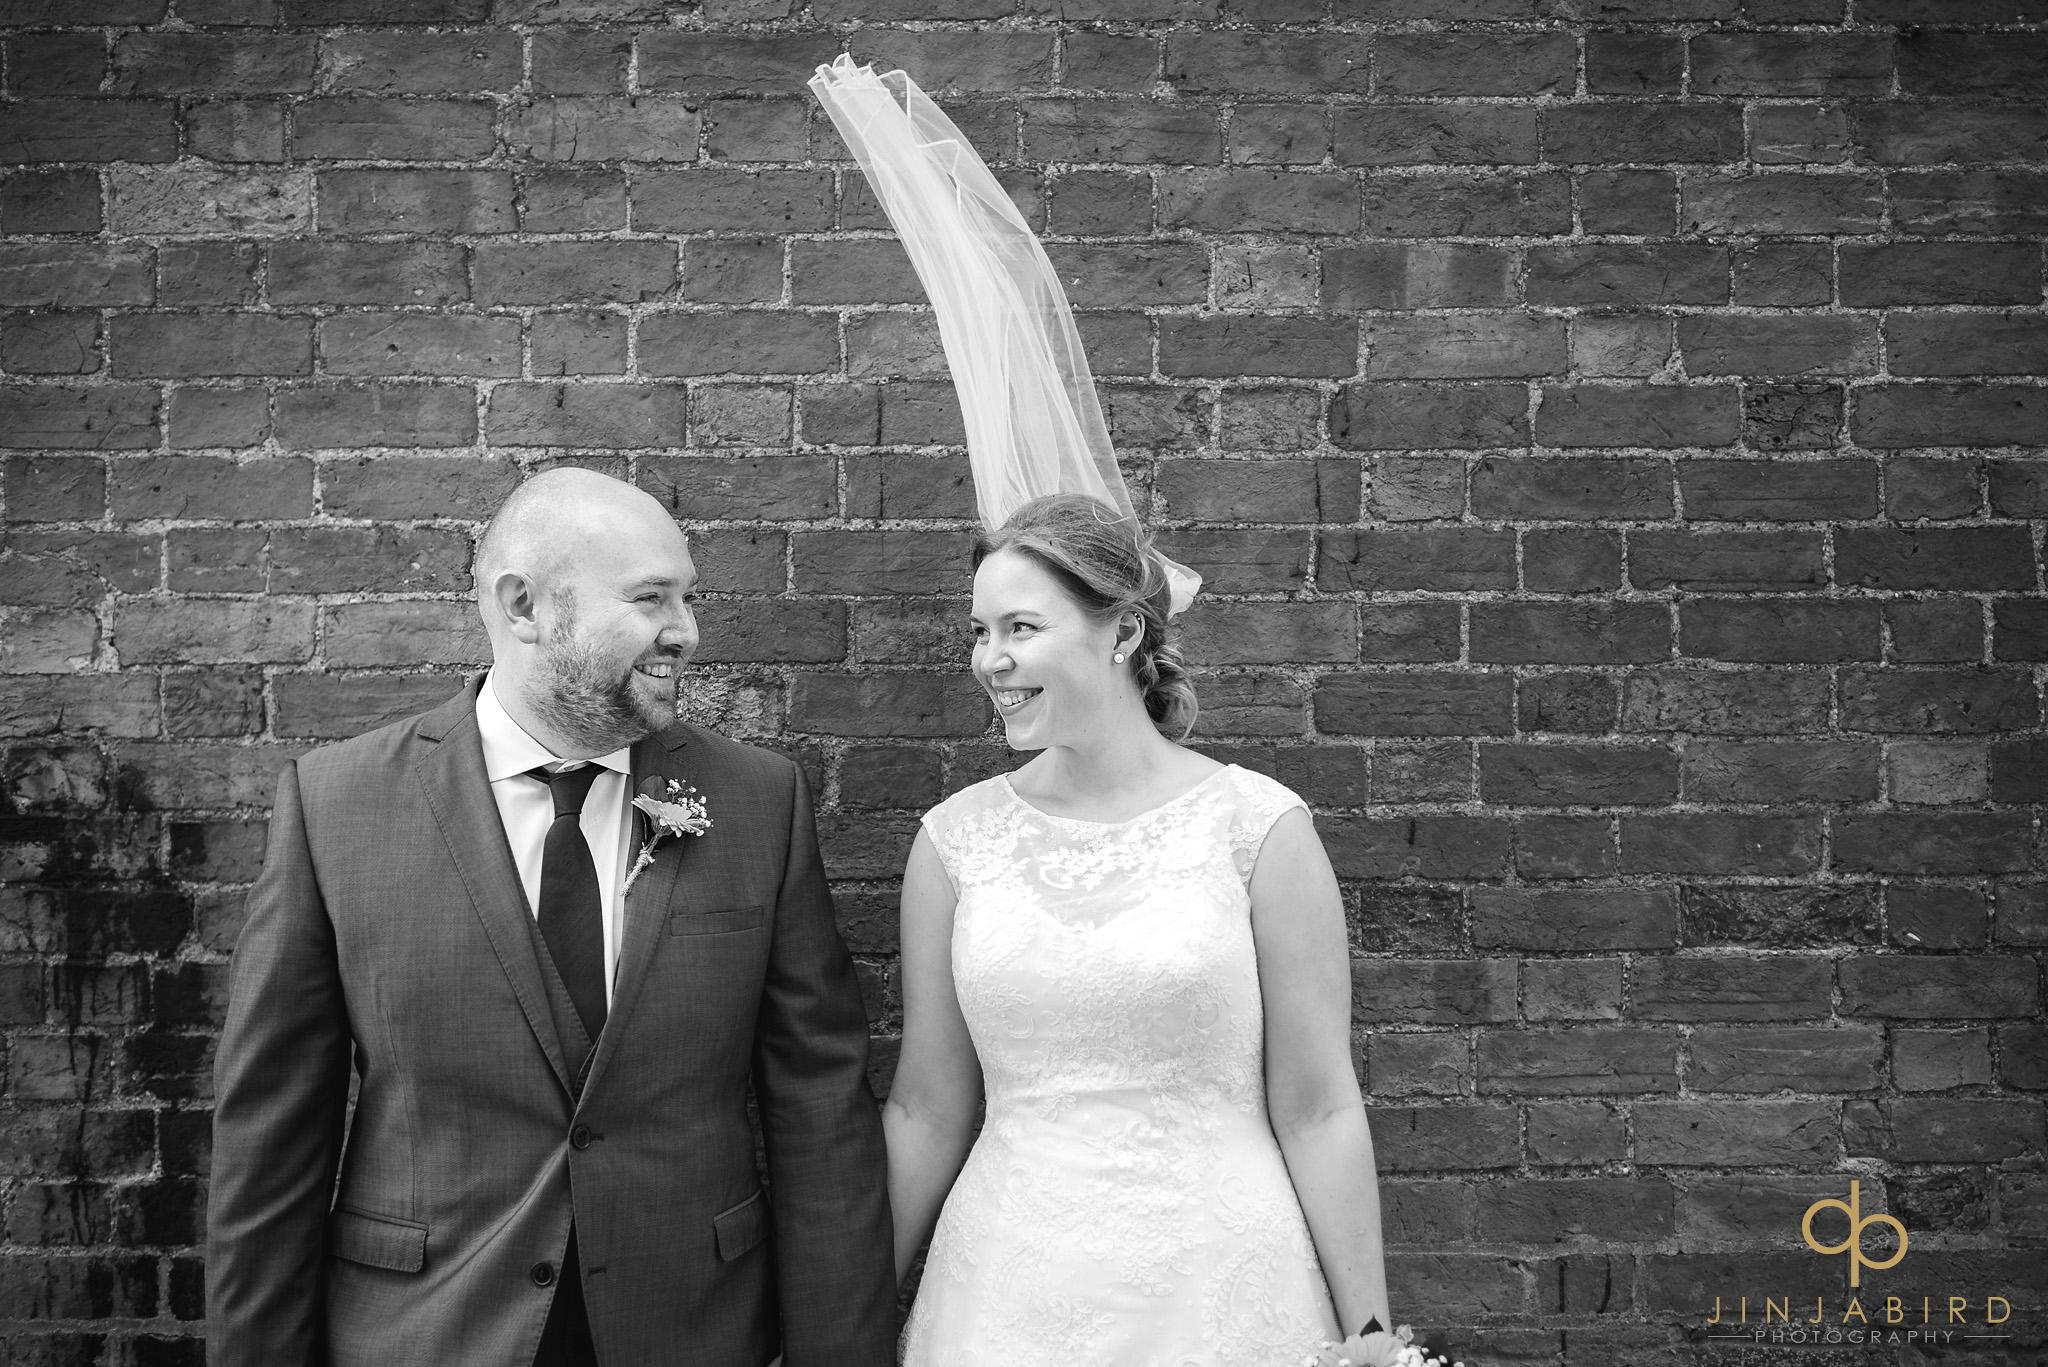 brides veil in wind bassmead